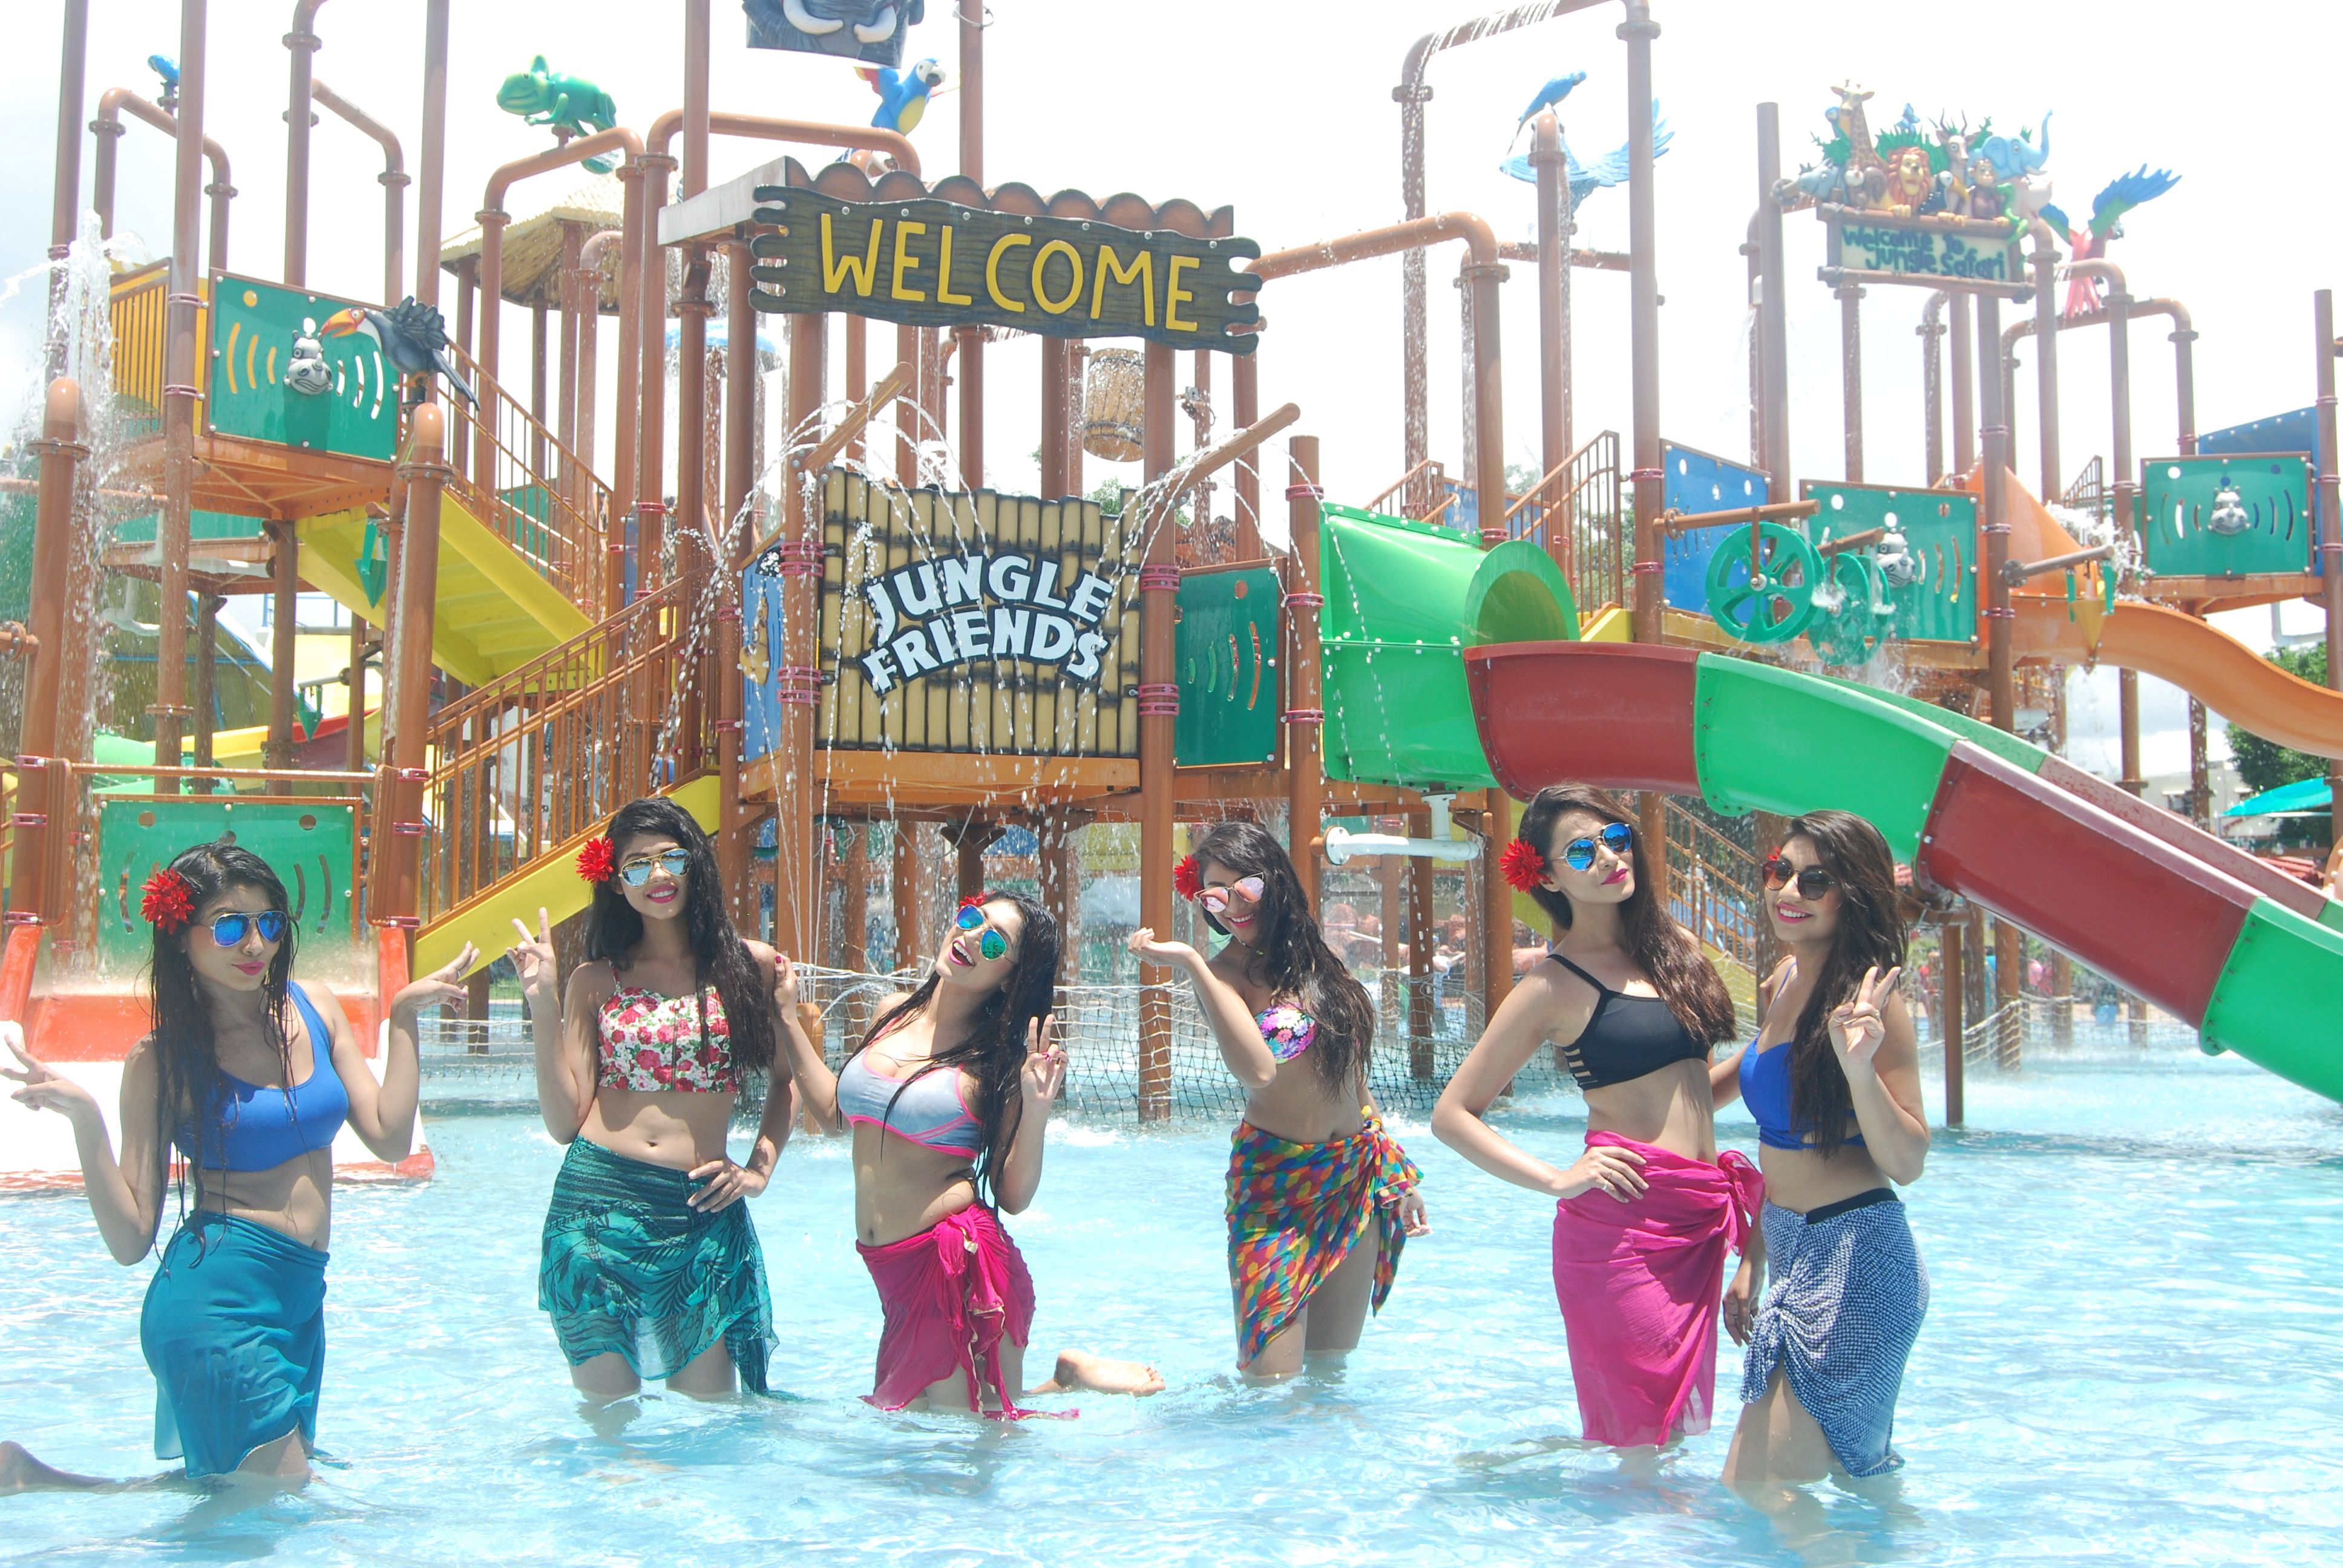 Pin By Aquatica Water Park Resort On Aquatica Water Park And Resort Water Park Resort Park